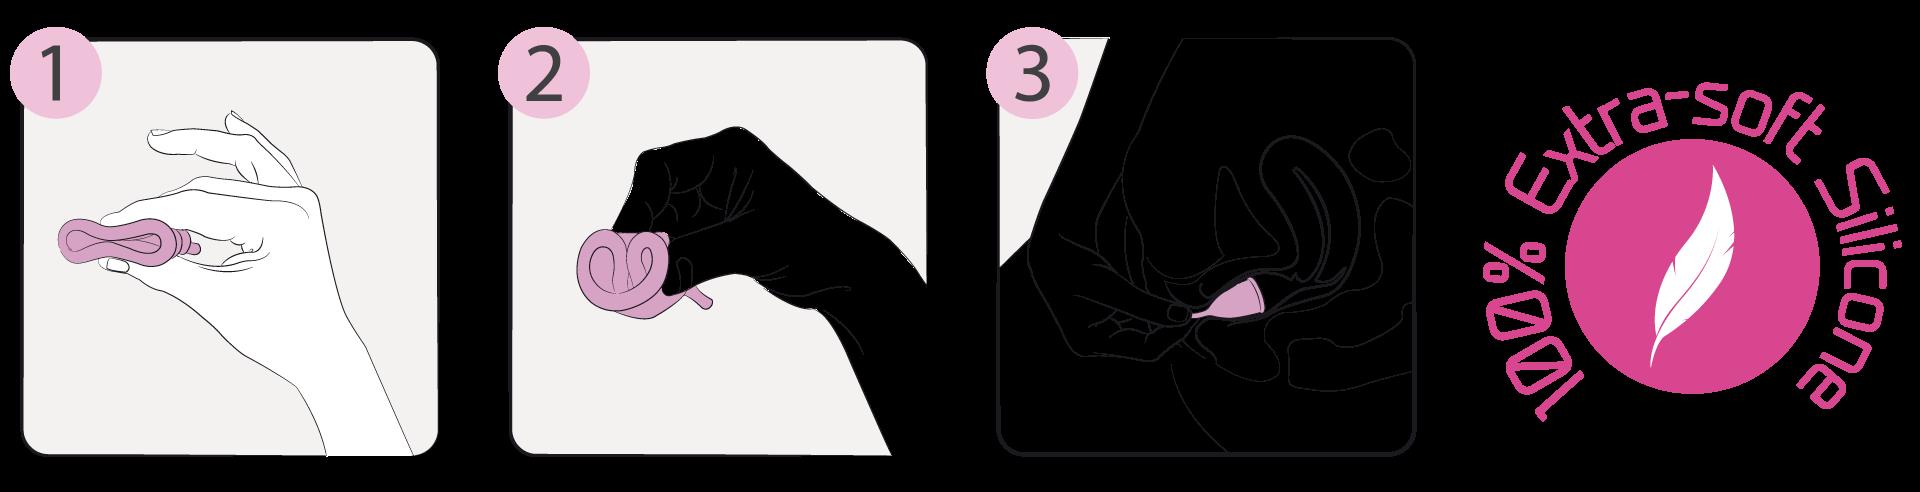 Instruções de introdução do copo menstrual